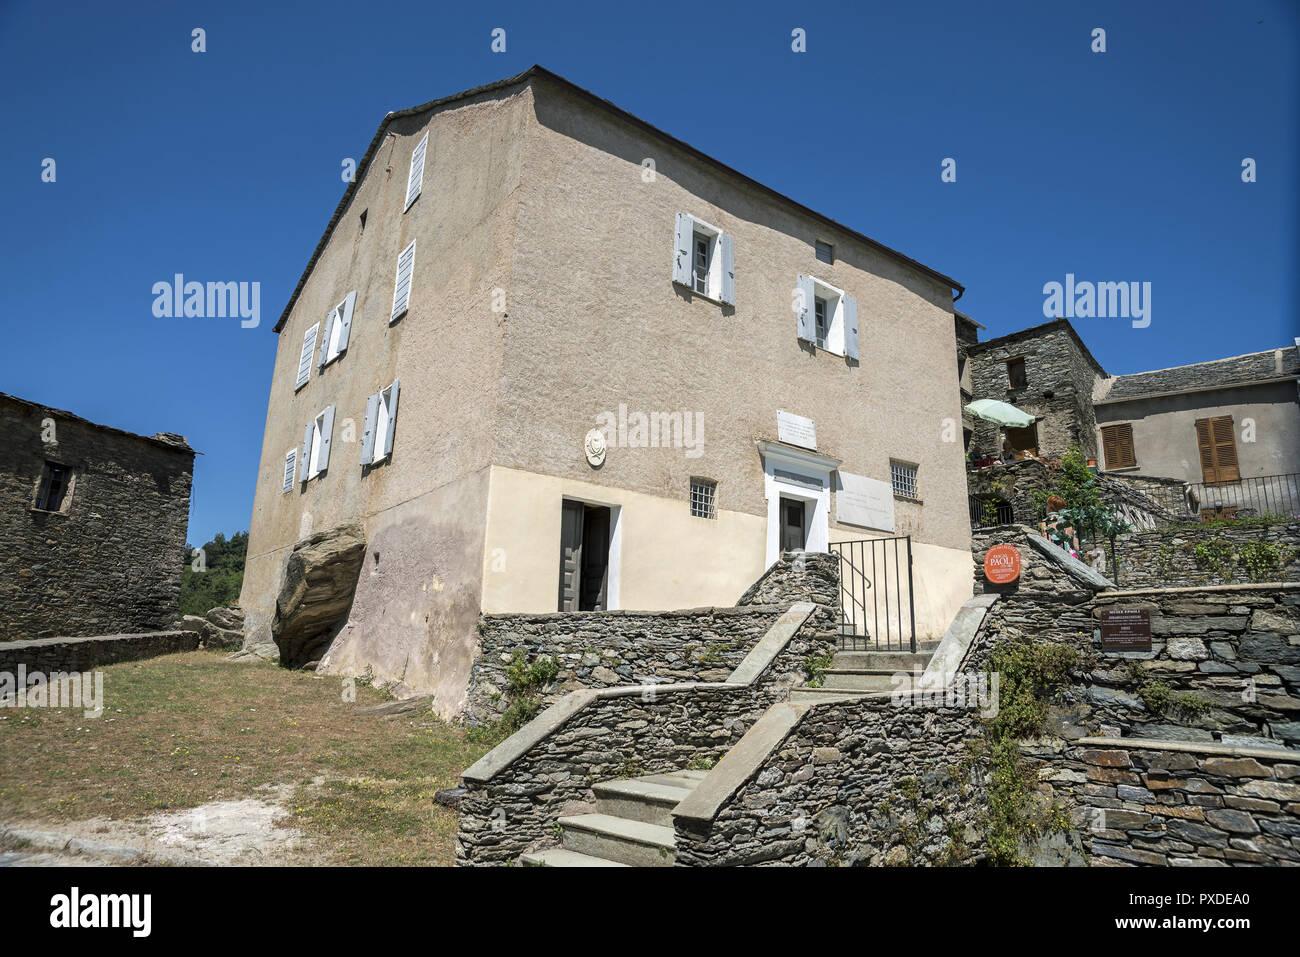 A family home, the birthplace of Pasquale Paoli. Ein Einfamilienhaus, der Geburtsort von Pasquale Paoli. Rodzinny dom miejsce urodzenia Pasquale Paoli - Stock Image